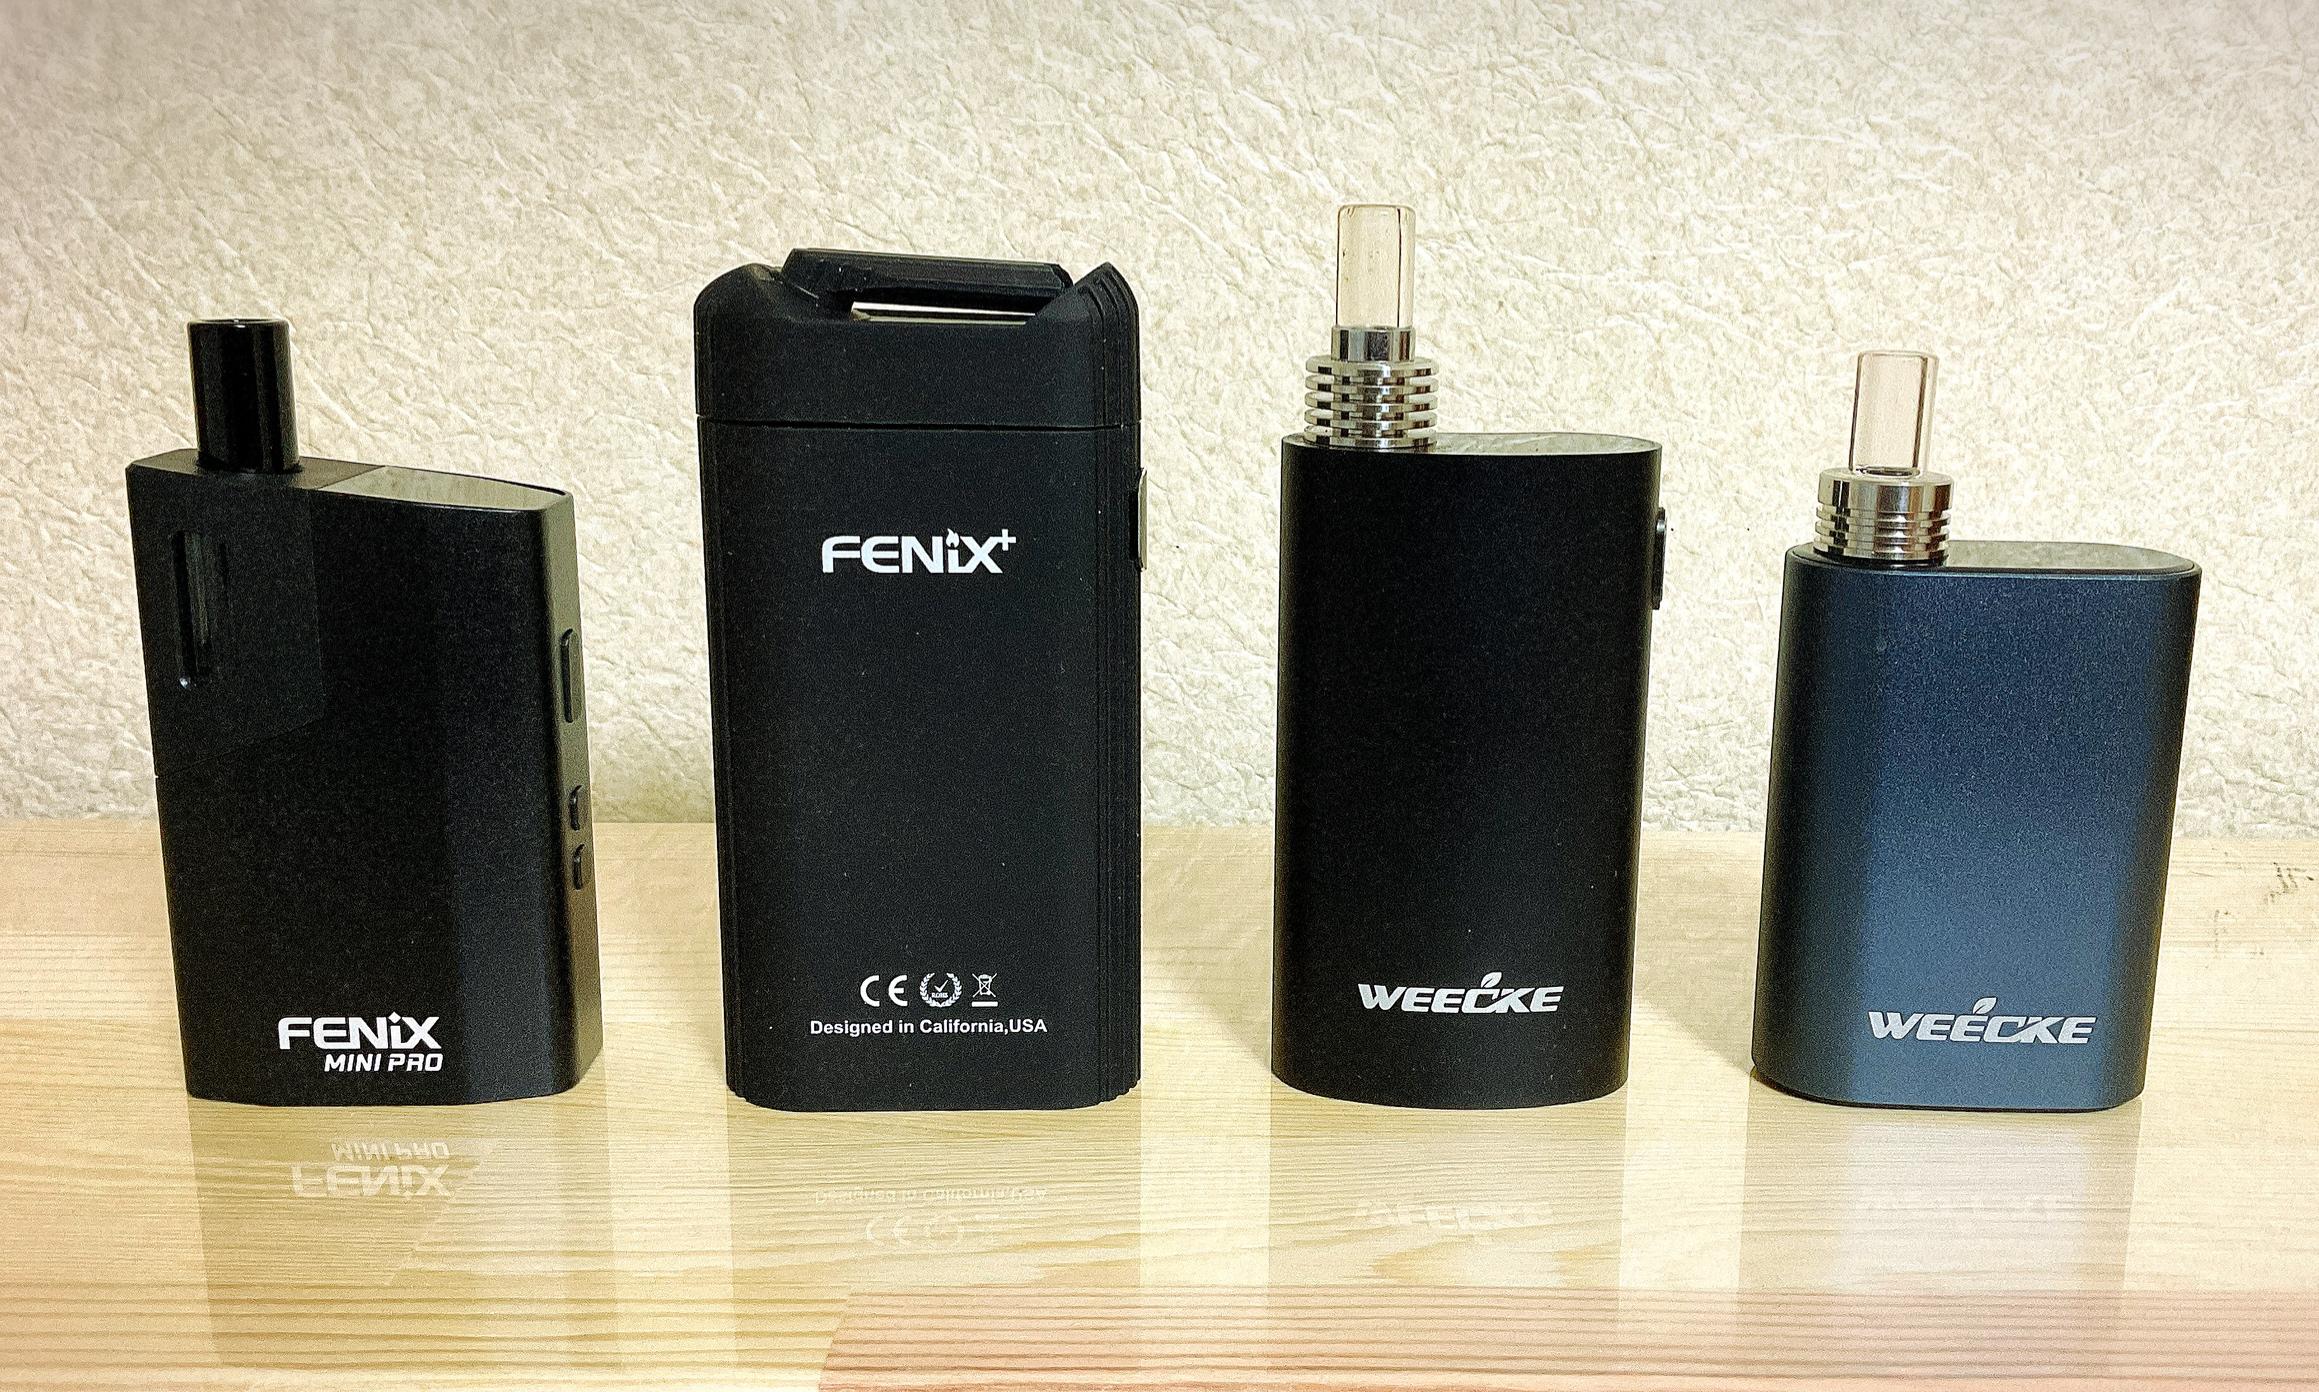 24CA51A0 F27E 4000 8126 0623D52E5B6F - 【レビュー】WEECKE FENiX MINI PROをがっつりレビューしていくよ!